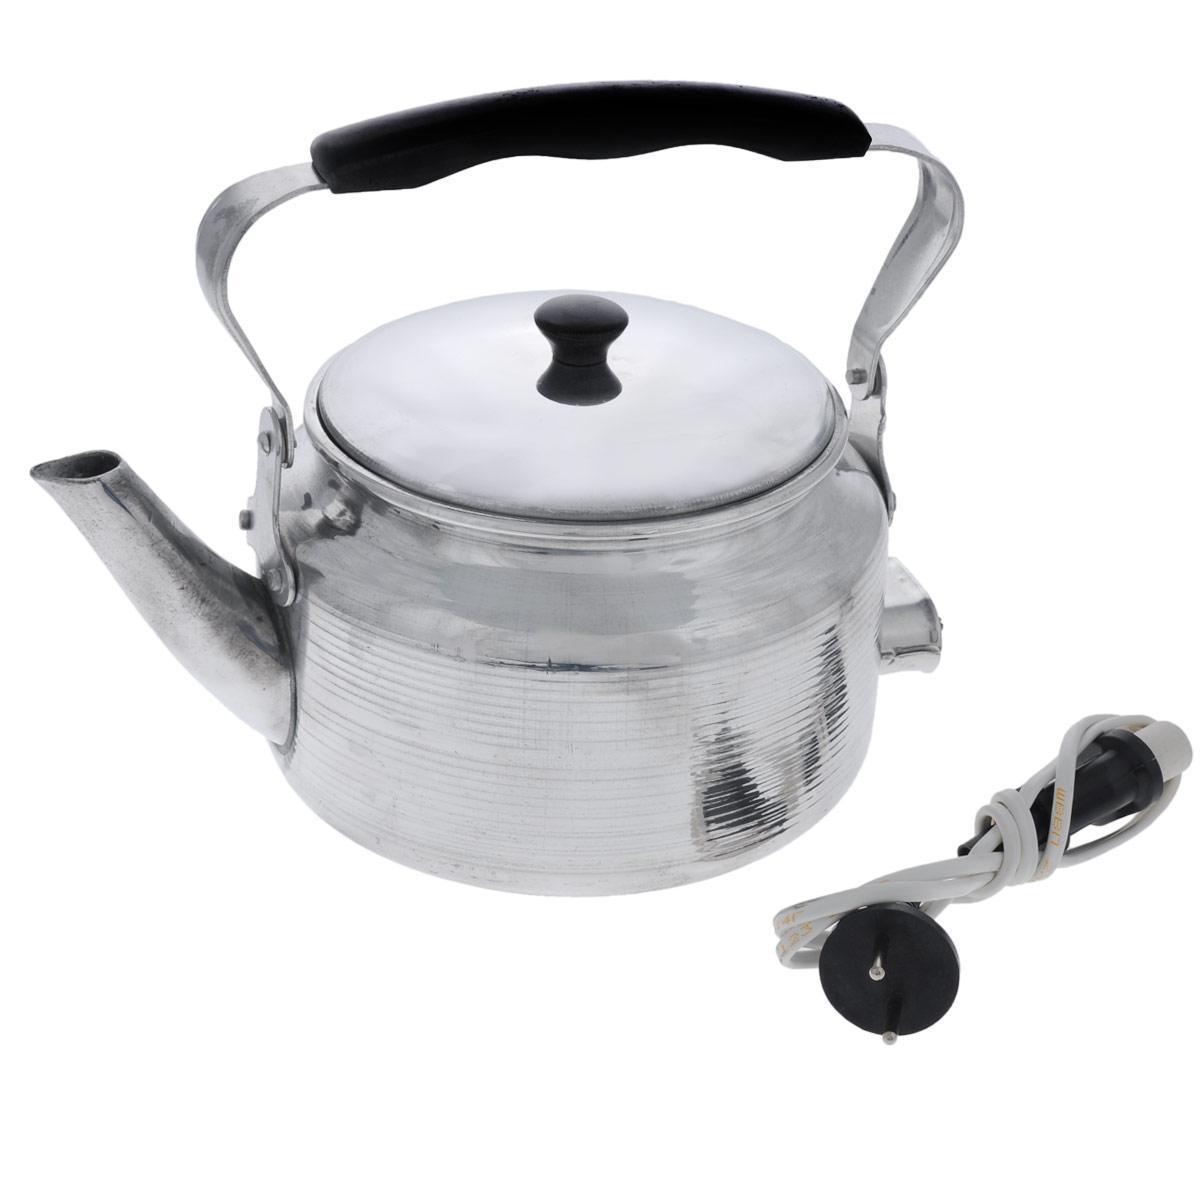 Эрг-AL Москва (ЭЧ-2) электрический чайникЧЭ 2 МоскваЭлектрический чайник Эрг-AL ЭЧ-2 хороший выбор на каждый день. Он оснащен нагревательным элементом мощностью 1000 Вт, объем составляет 2 литра, а сам корпус электрочайника выполнен из алюминия, что придает ему не только привлекательности, но и прослужит вам не один год.